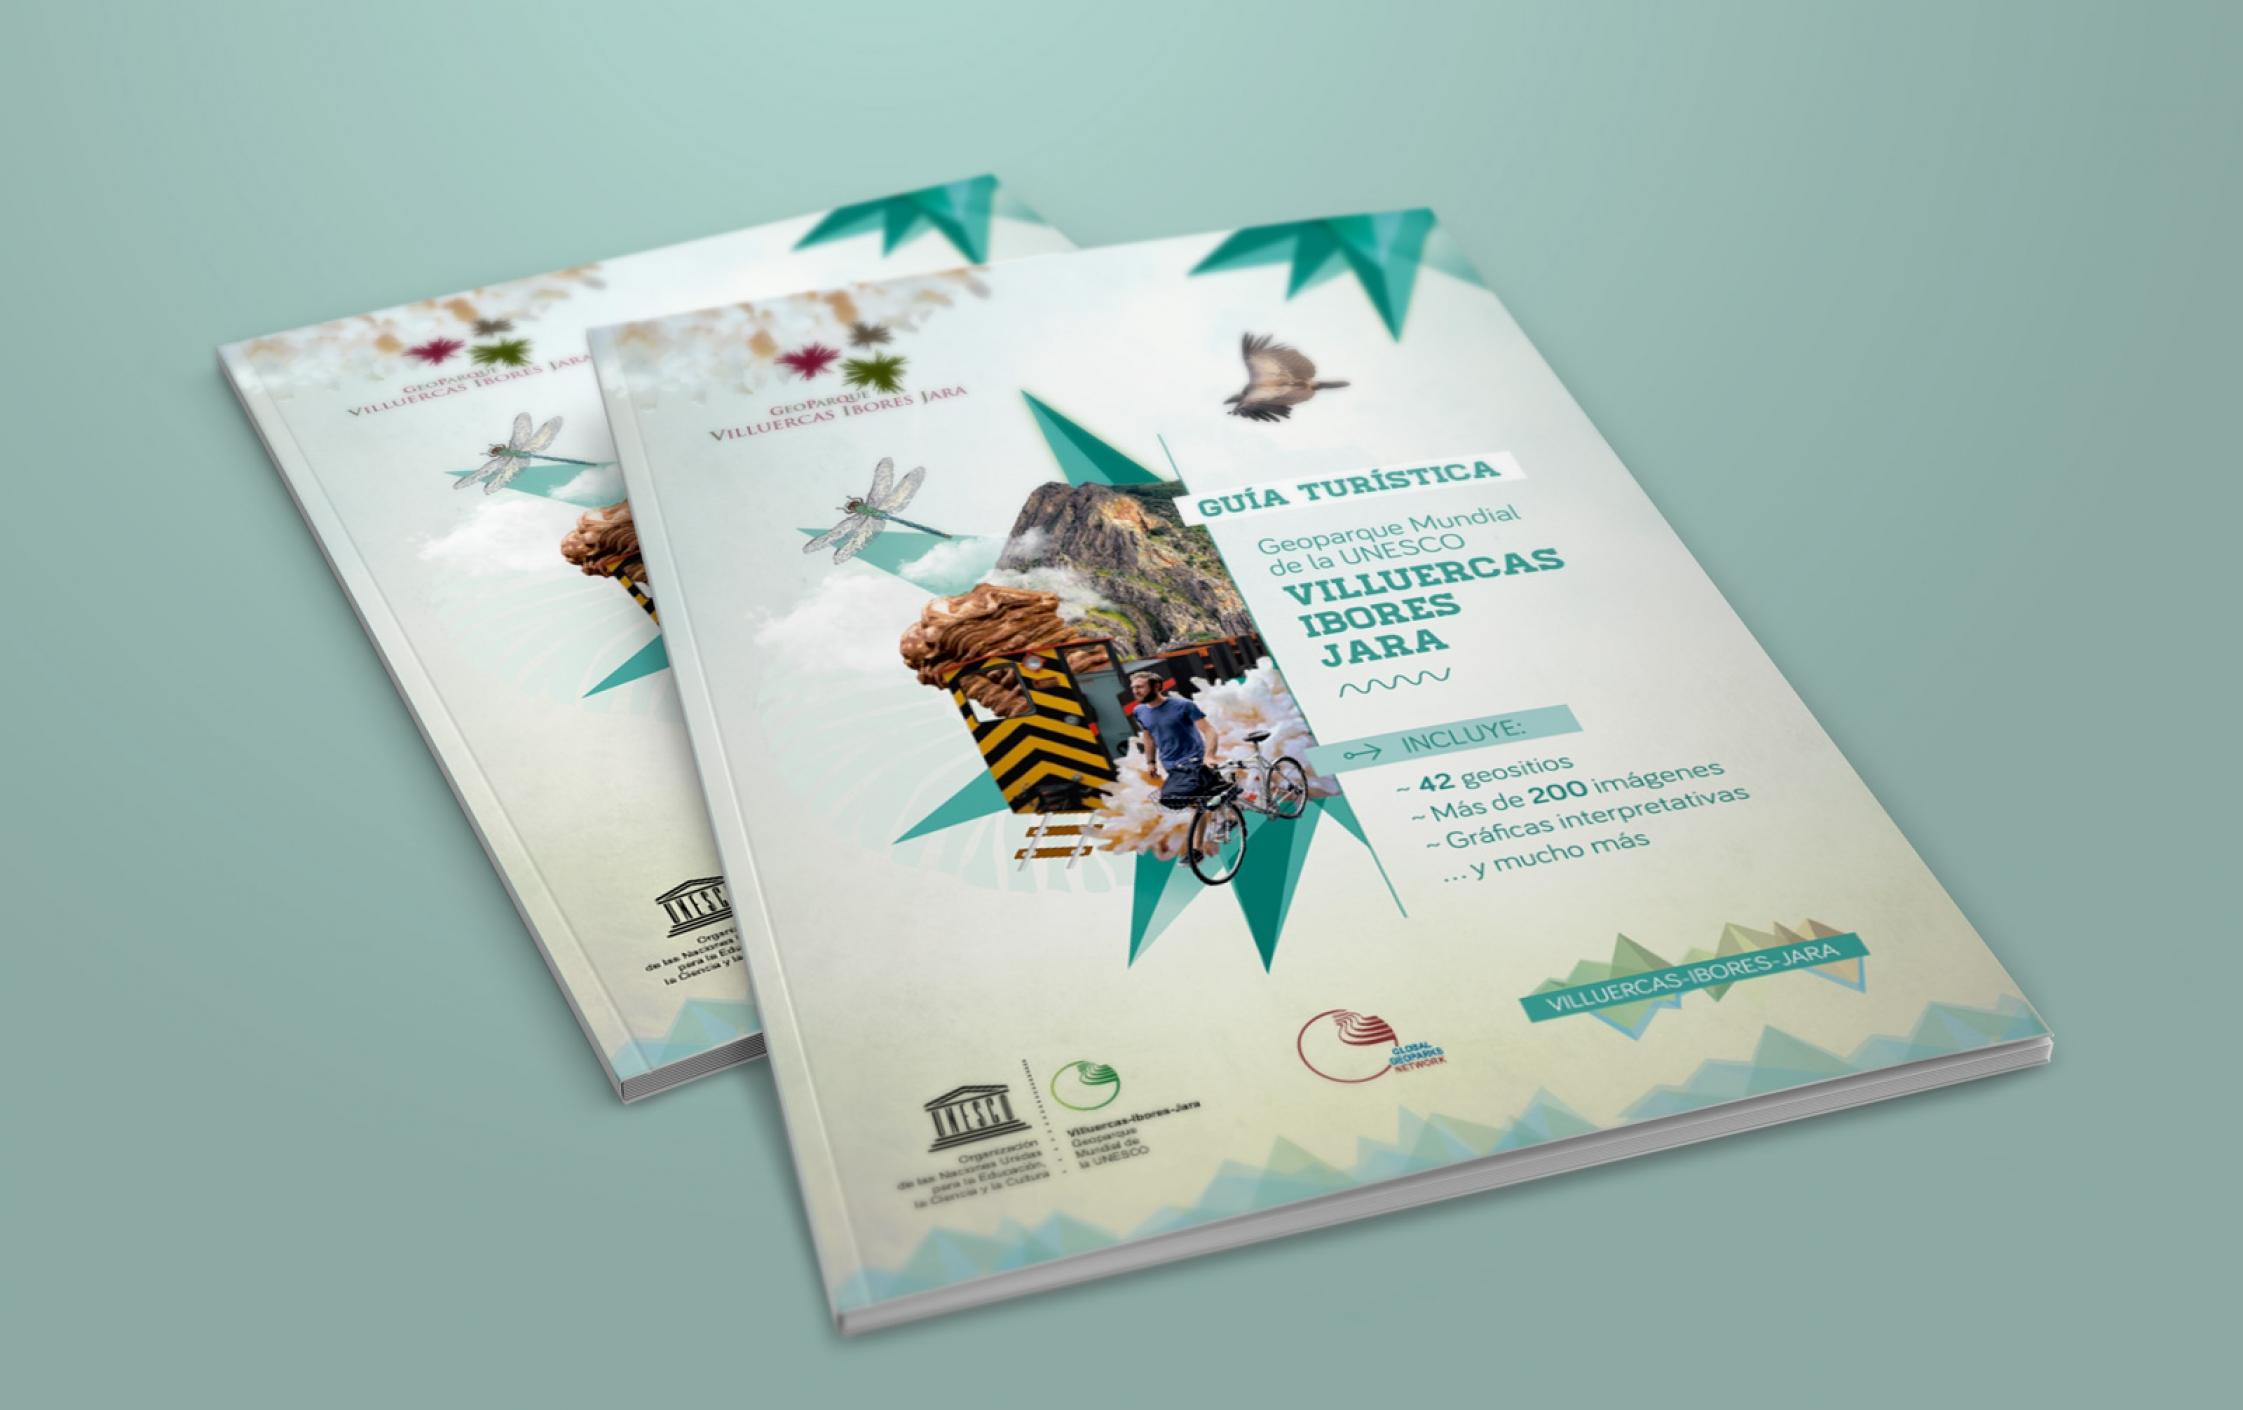 Guía turística Geoparque Villuercas Ibores Jara